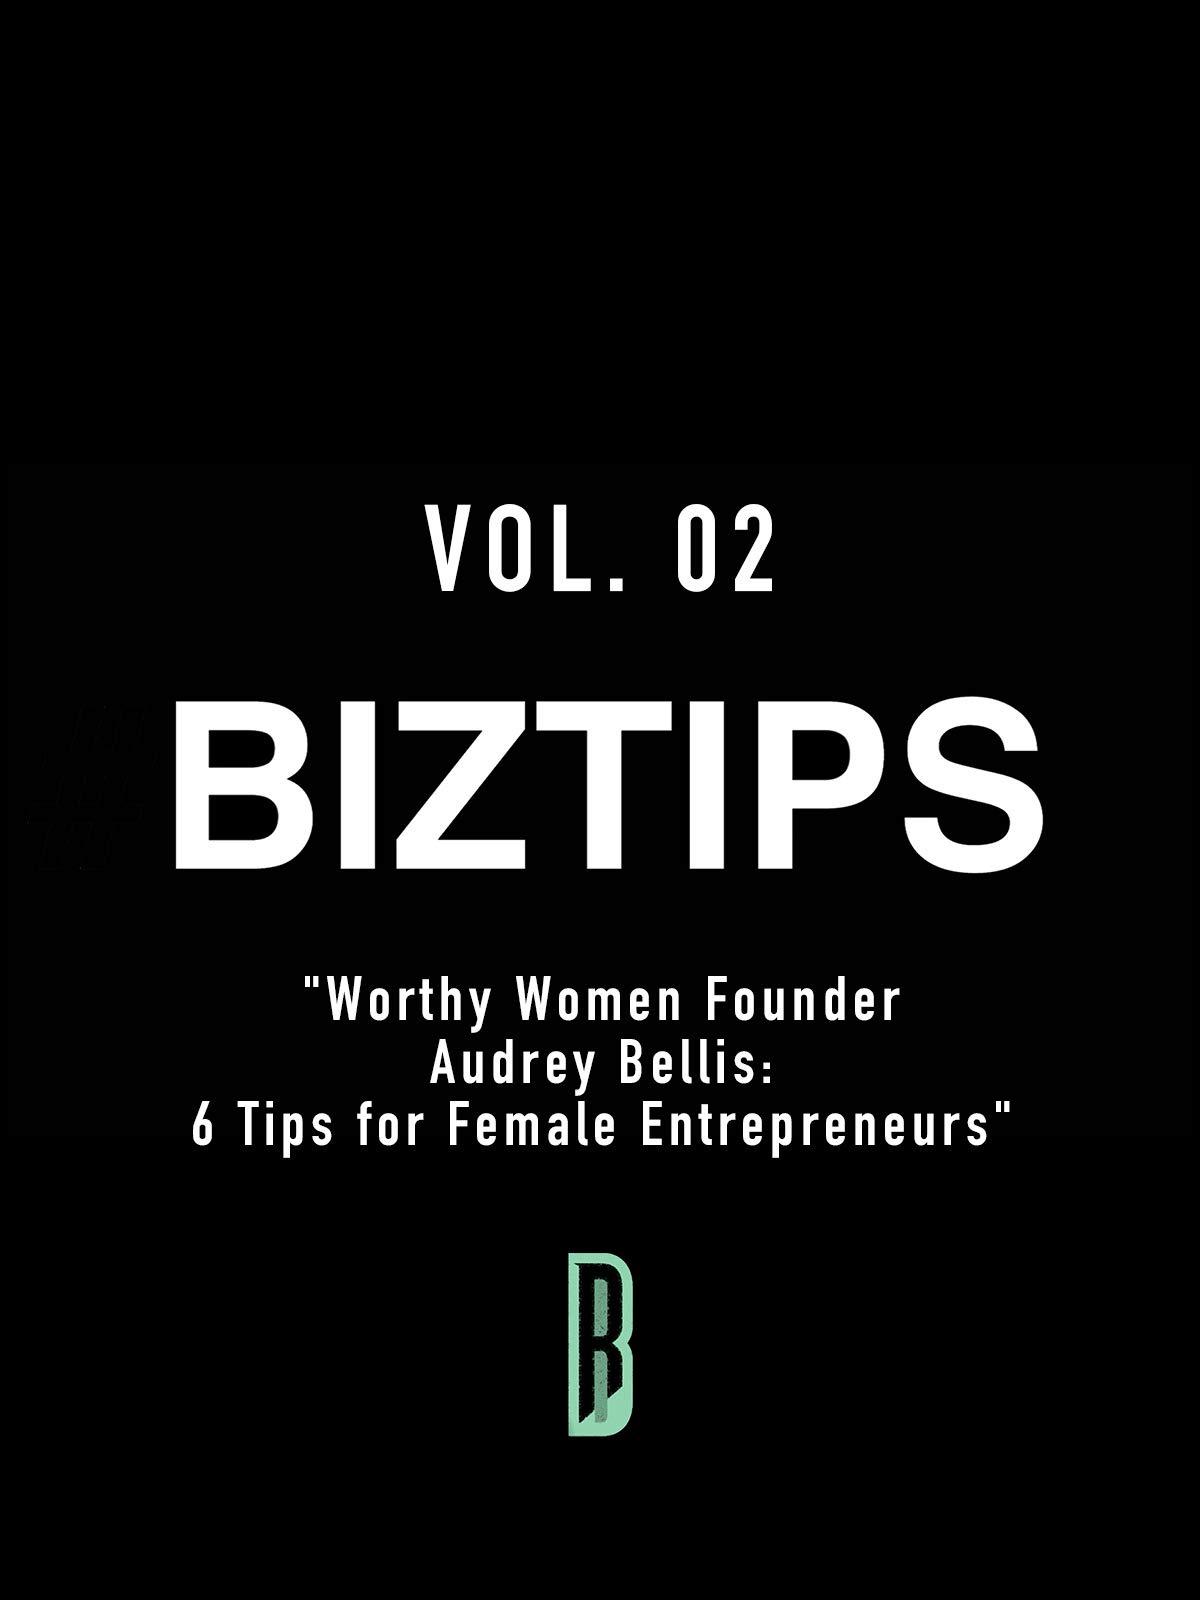 BizTips Vol. 02